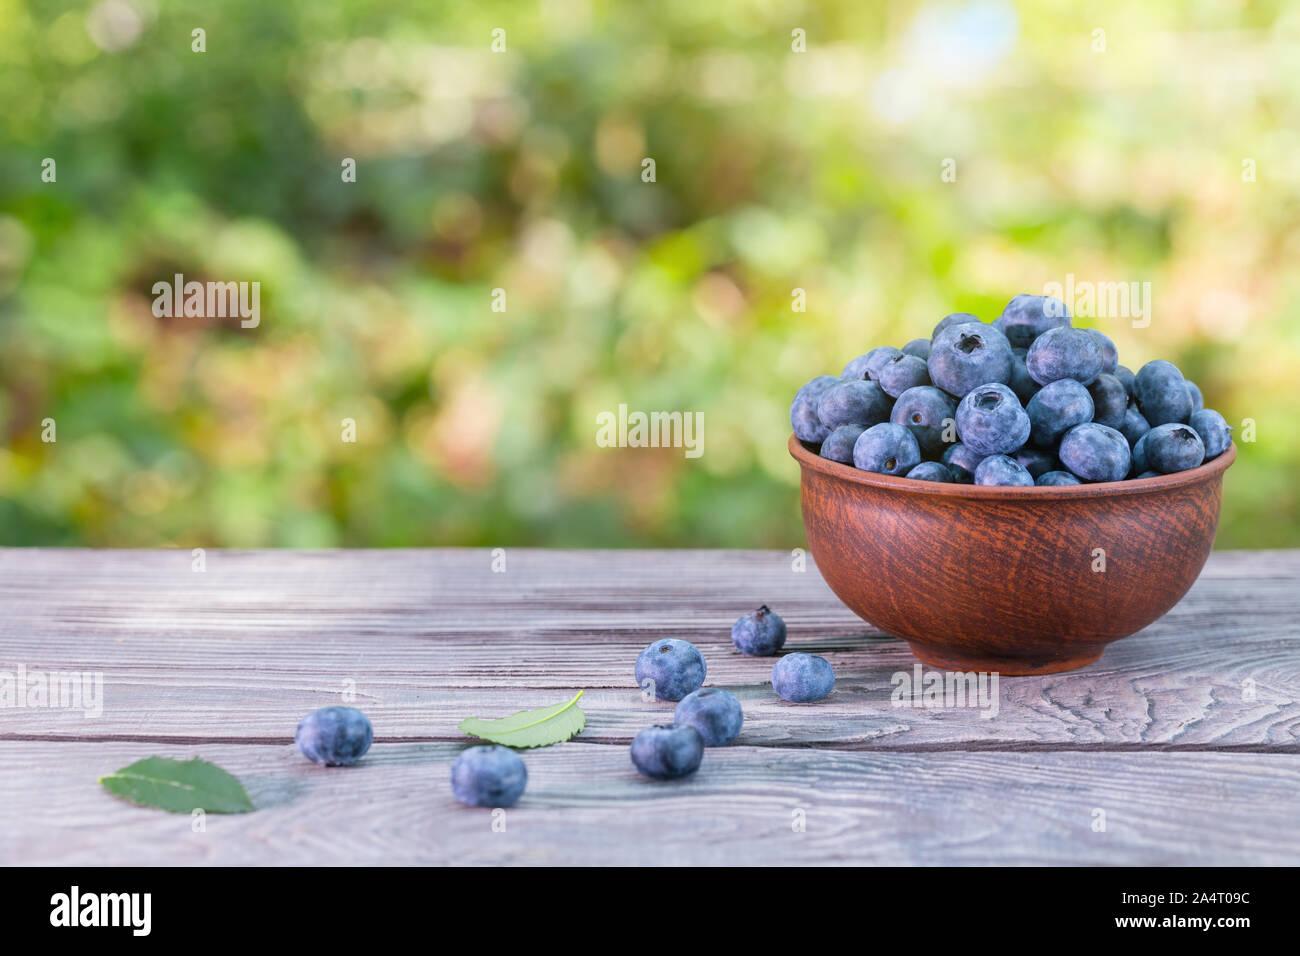 Bleuets dans un bol d'argile sur une table en bois Banque D'Images